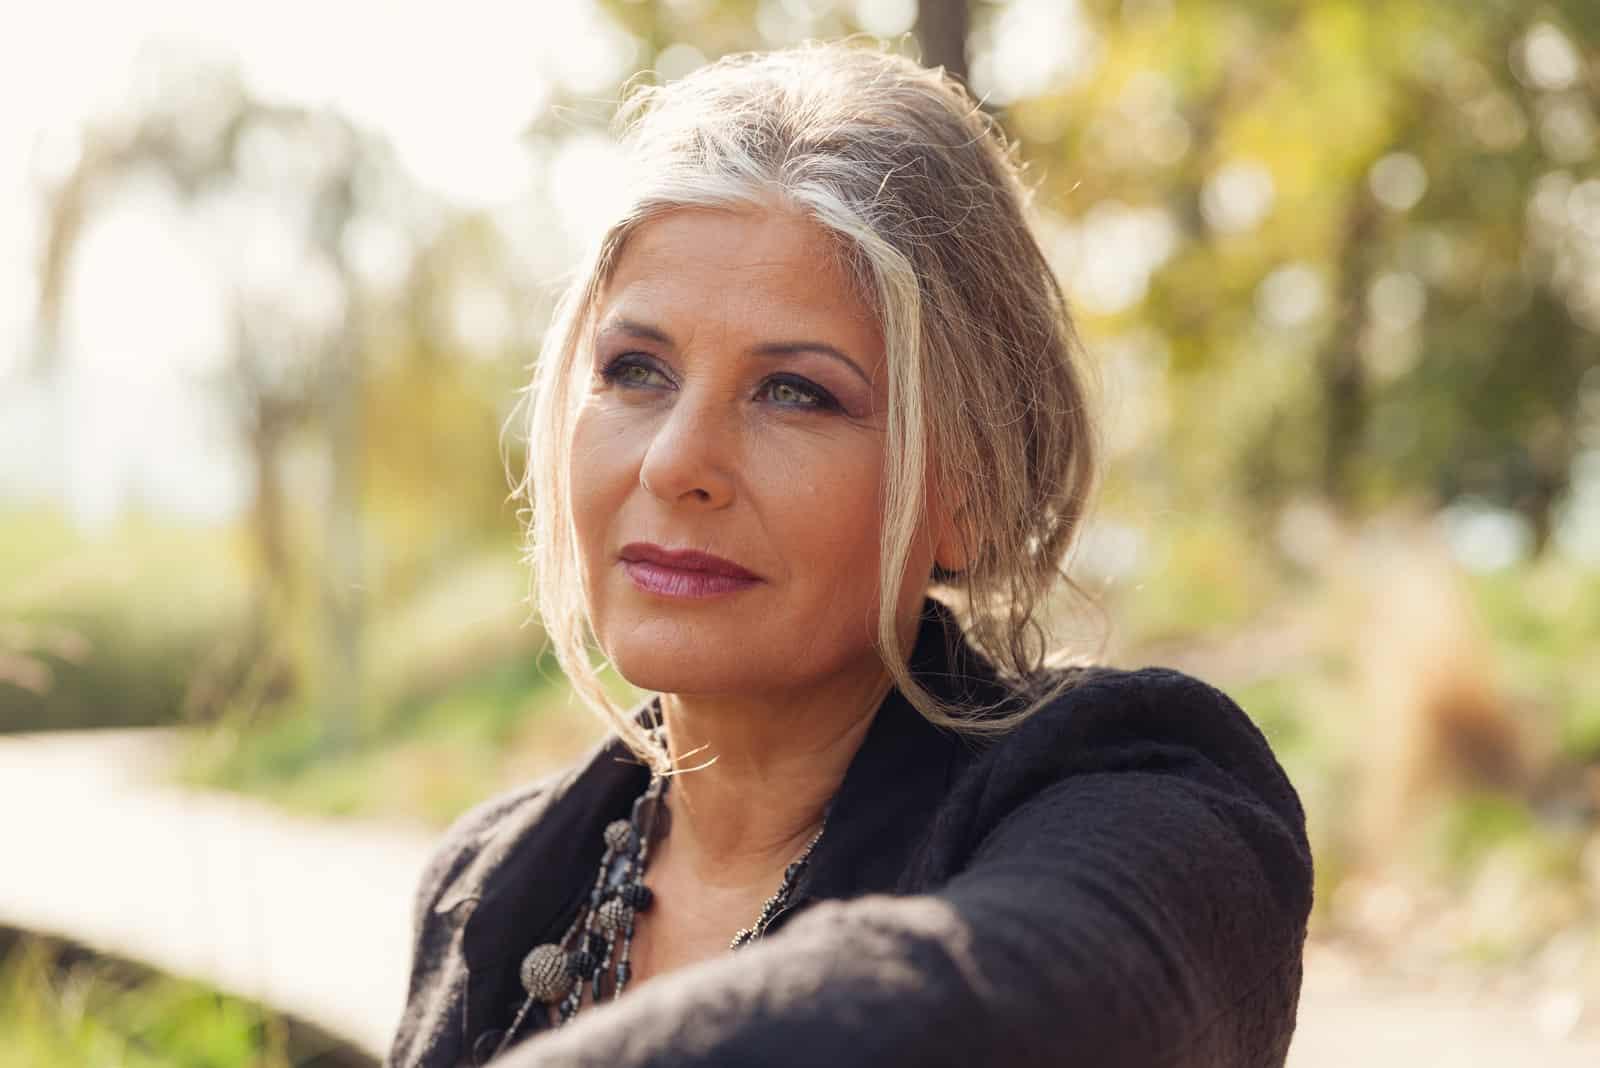 Fünfzigjährige Frau im Freien